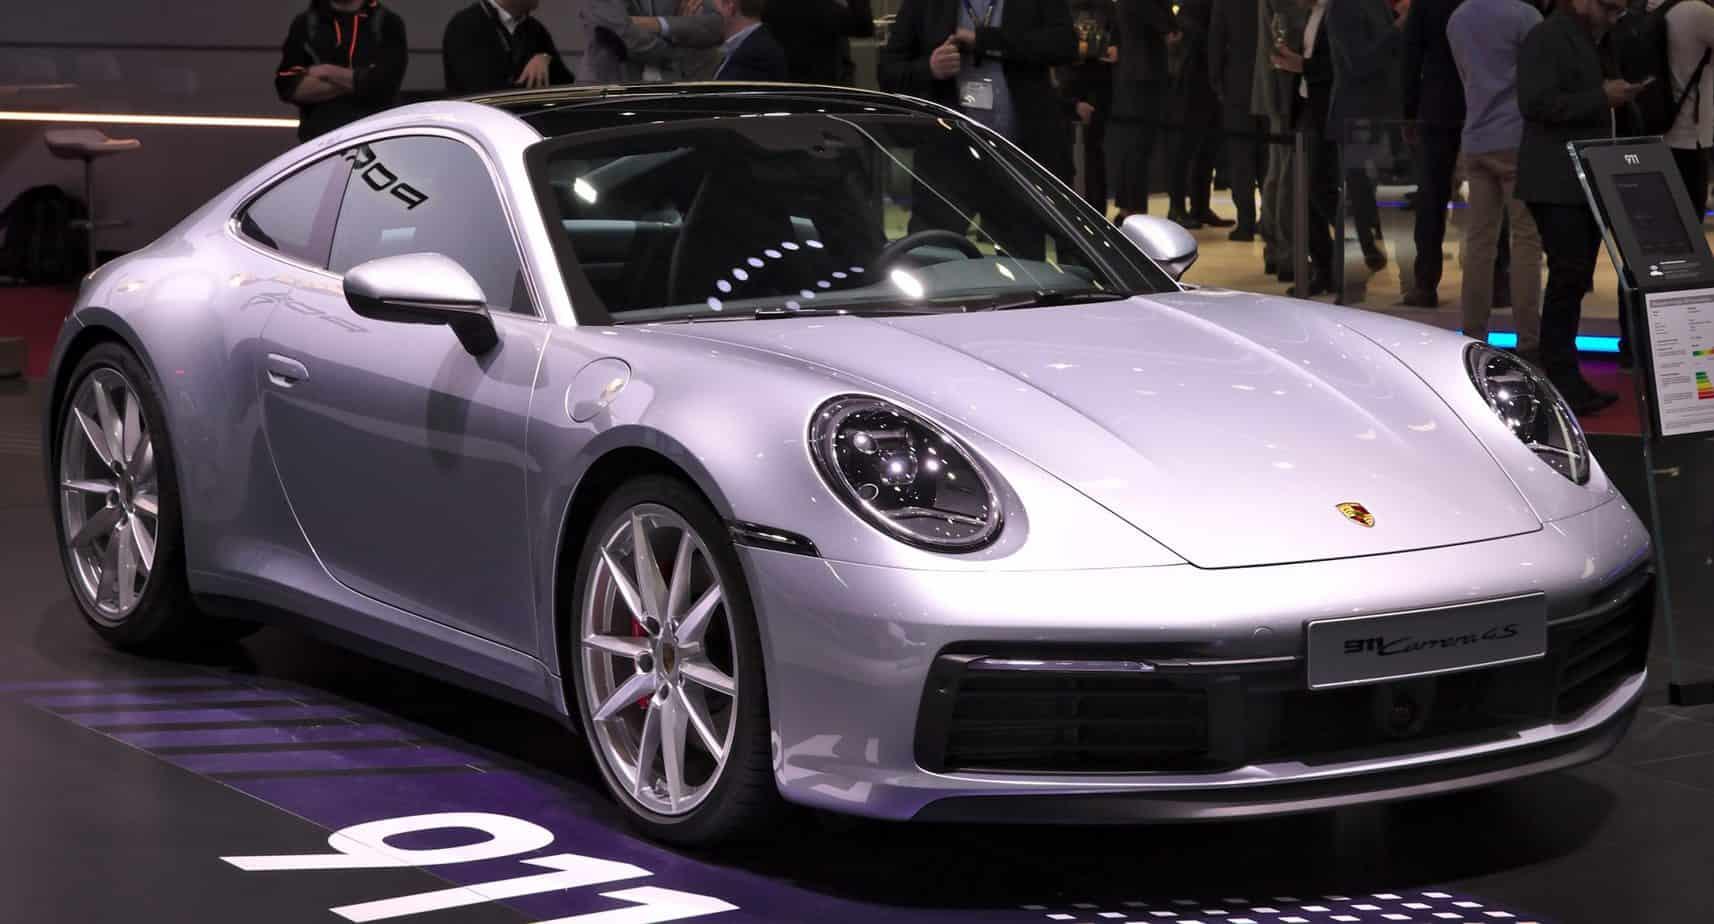 close up of luxury German Porsche in showroom